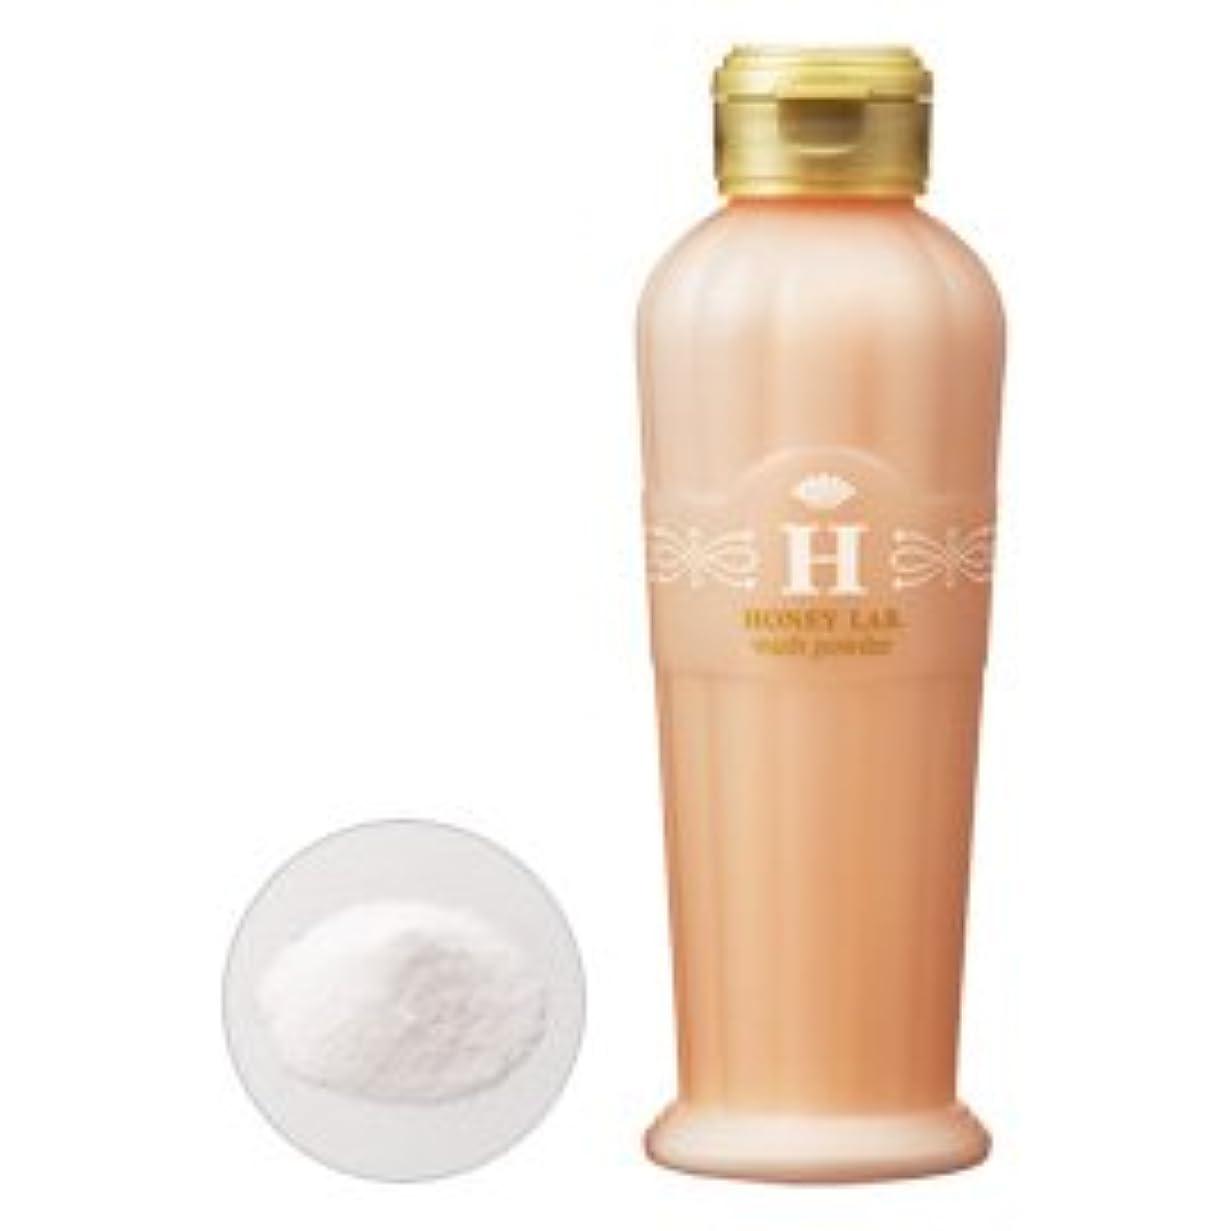 定数ポゴスティックジャンプほうきハニーラボ 洗顔パウダー 粉末状洗顔料 60g/Honey lab Face Wash Powder <60g>